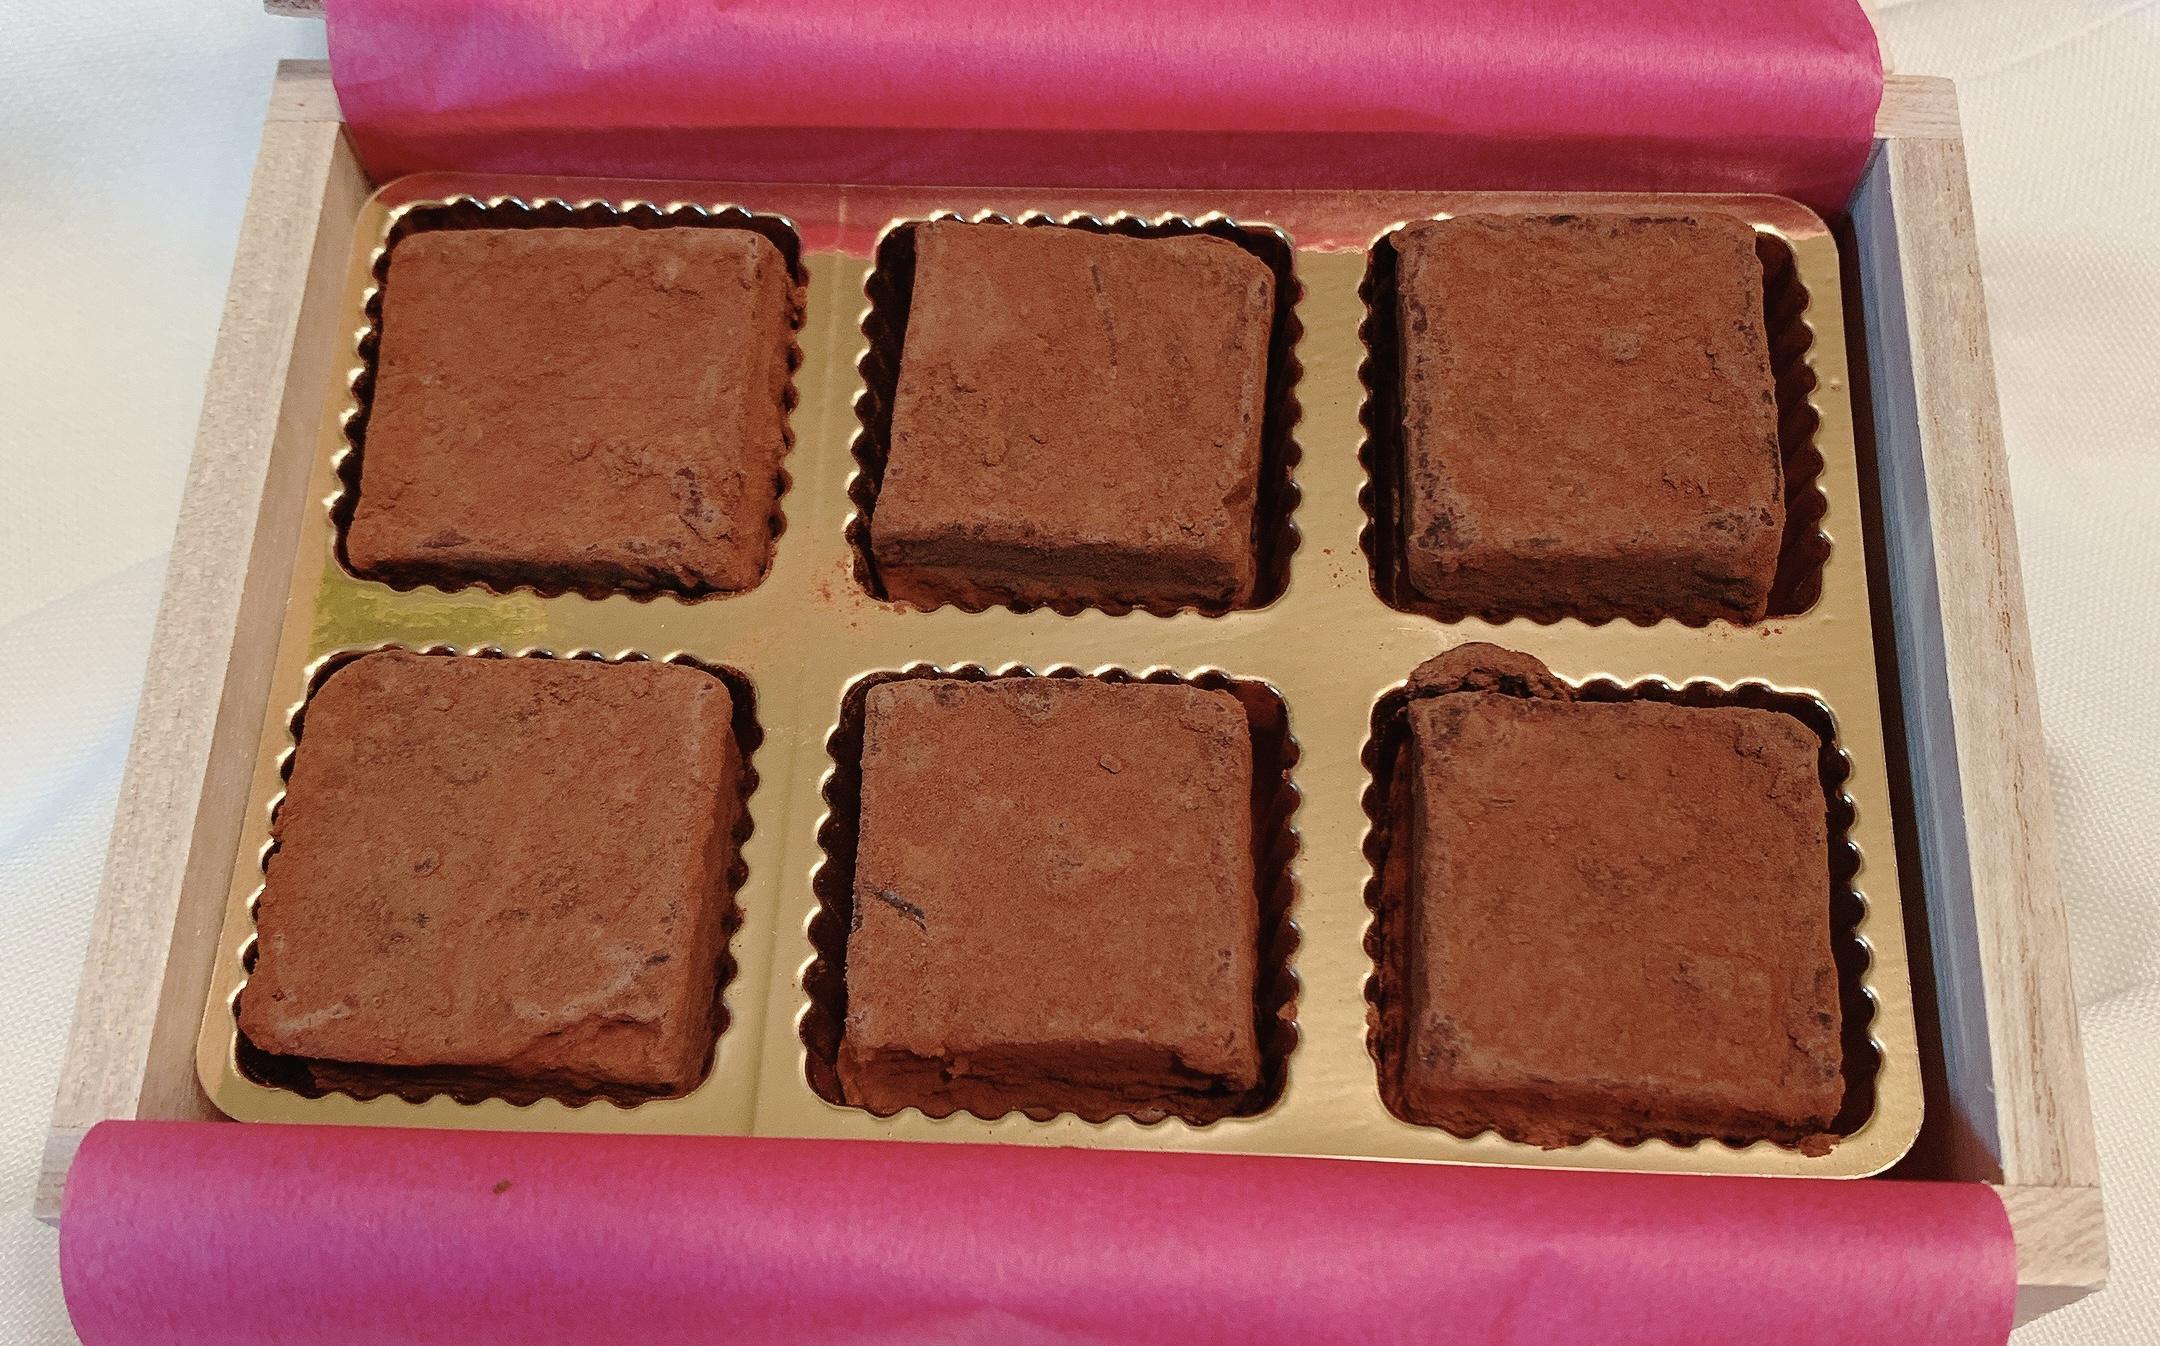 バレンタインMYチョコや本命チョコにおすすめ!ニューヨーク生まれ「5th AVENUE Chocolatiere」の生チョコが大人な味わいで美味しい★今回はストロベリー風味トラッフルにしてみました_2